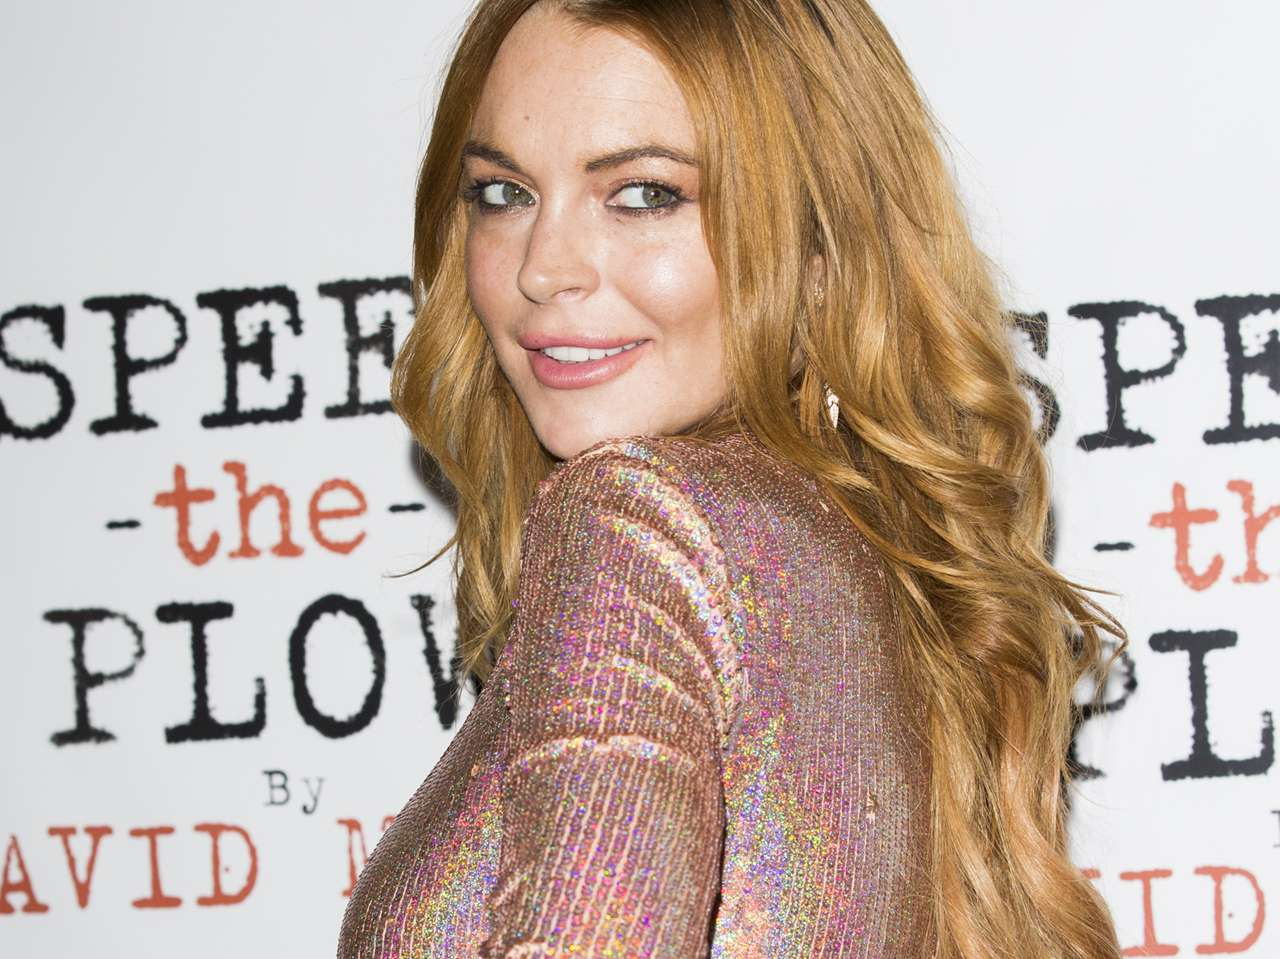 Enviarán carta de liberación del servicio de Lindsay Lohan a los juzgados. Foto: Getty Images